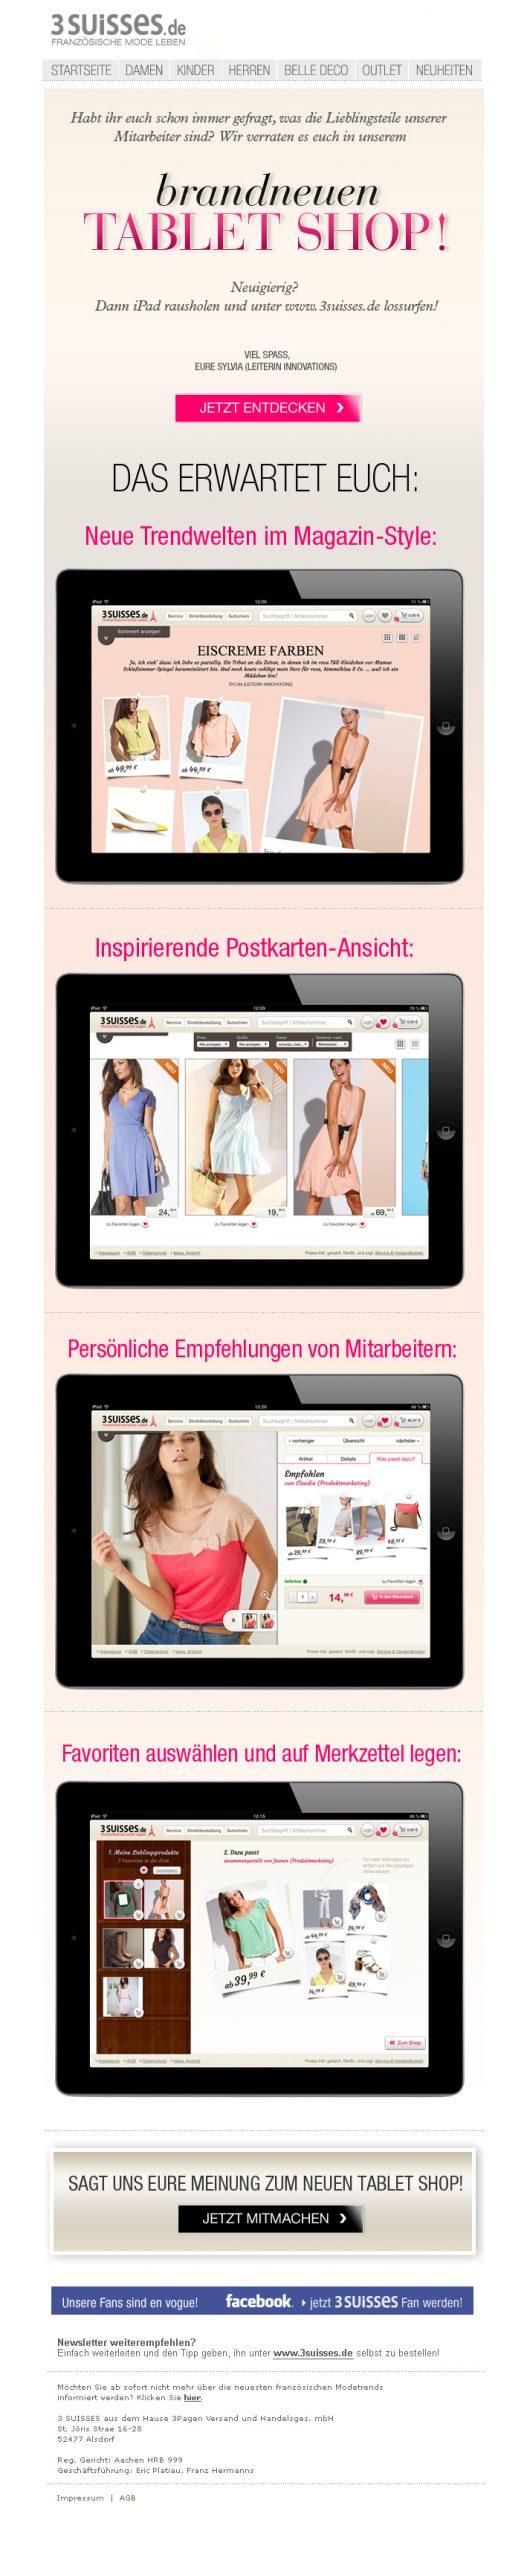 nl_3S_kw08_Tabletshop_2